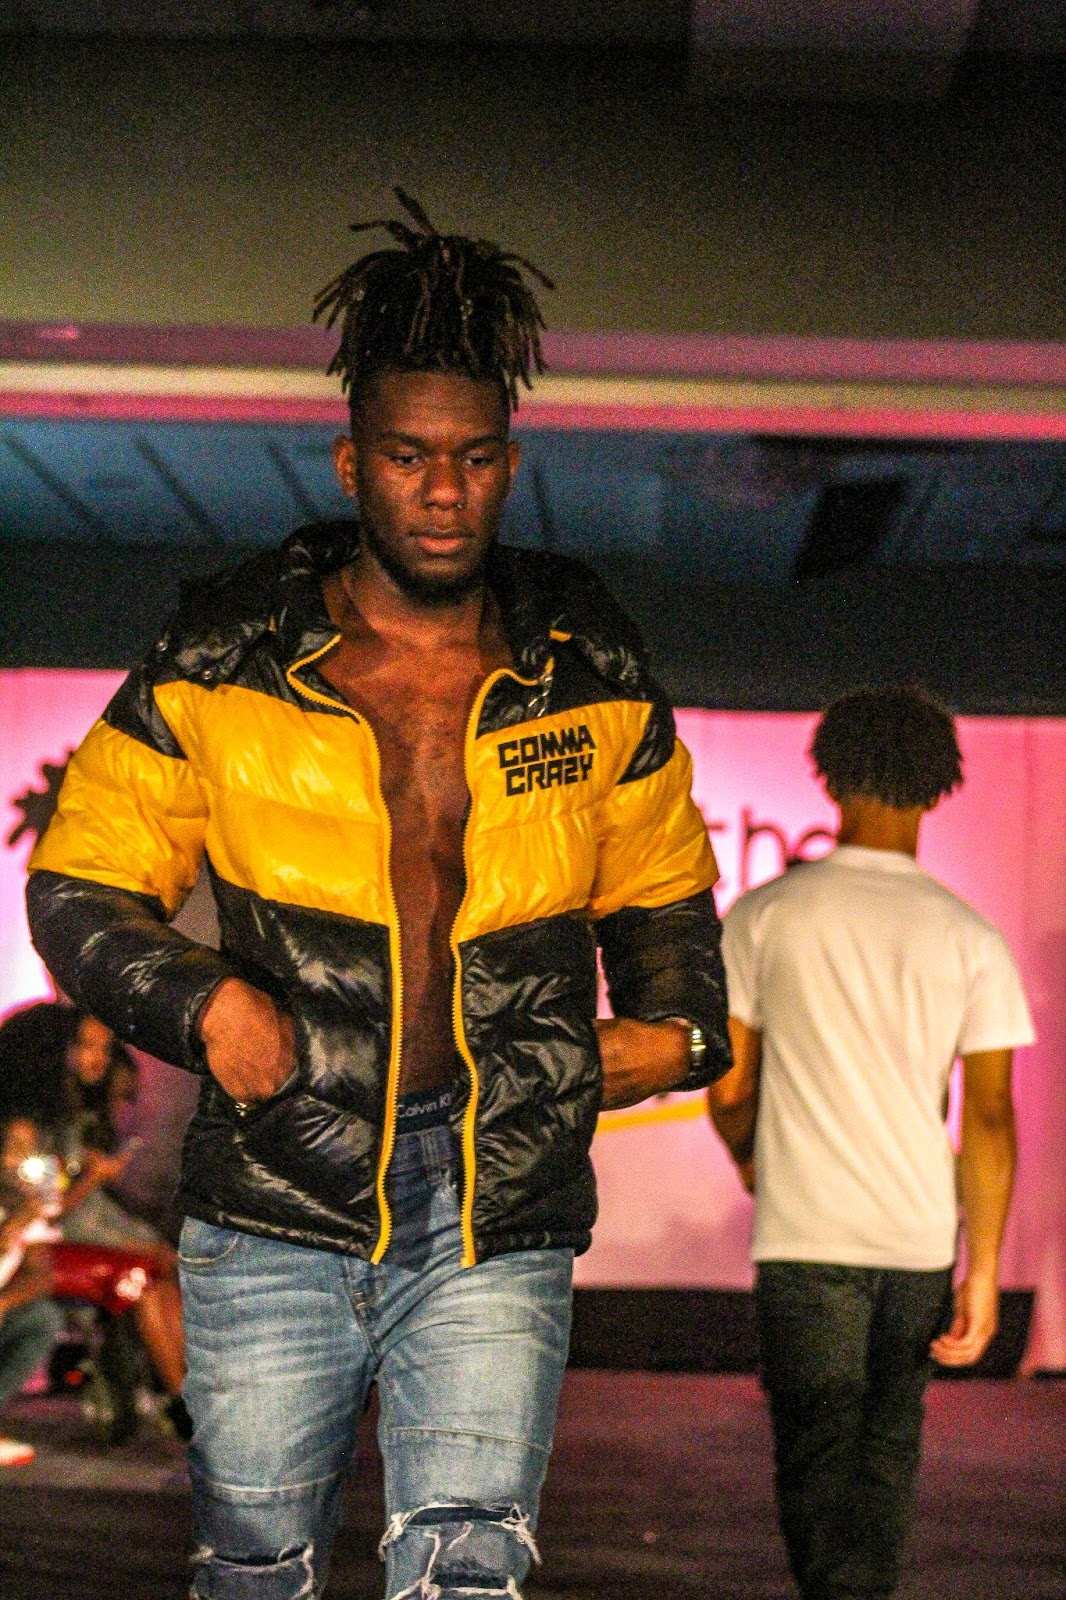 ../Fashion%20Show/Fashion%20Show%20Edited/IMG_3225-2.jpg